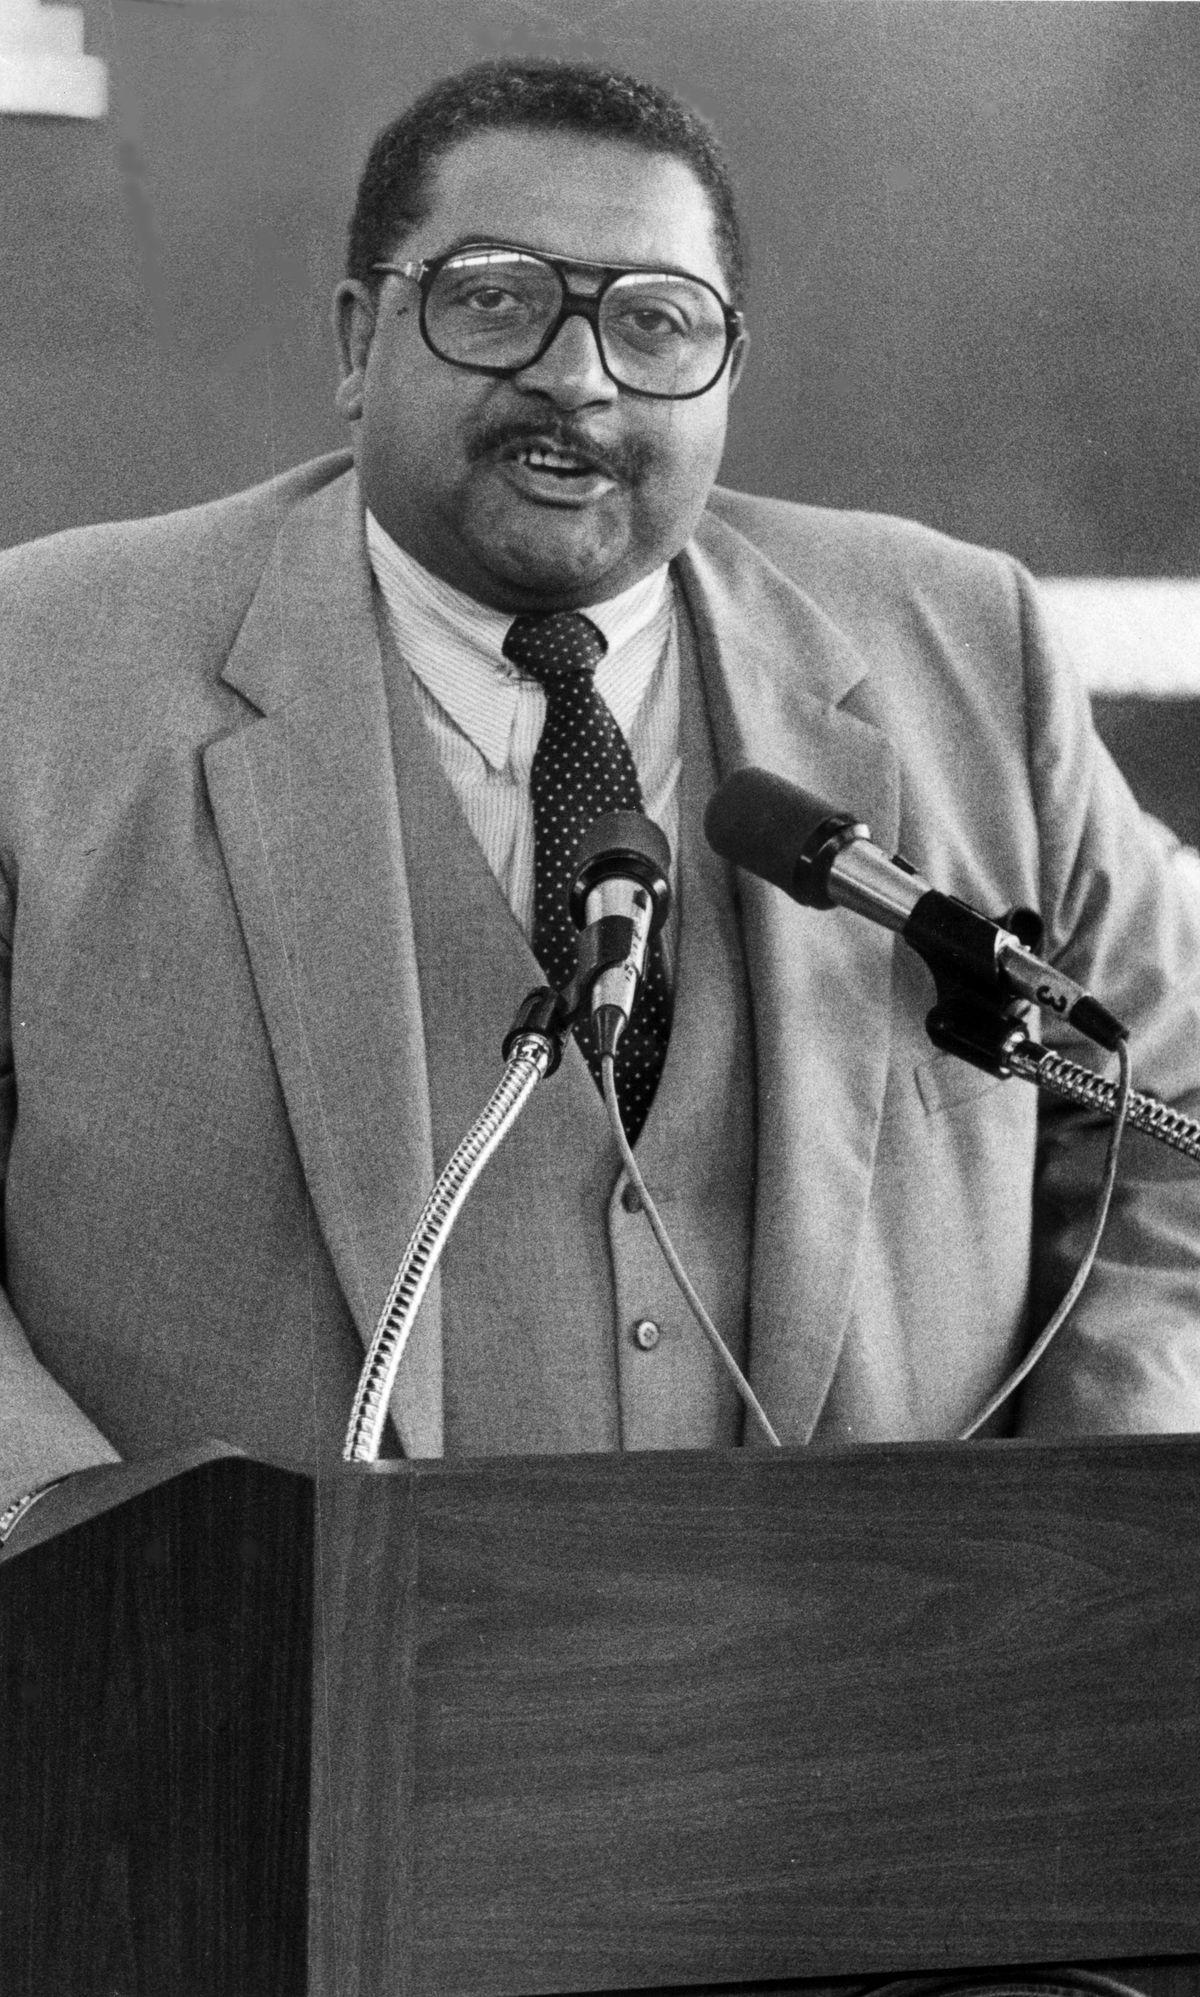 Ald. William Carothers in 1981.